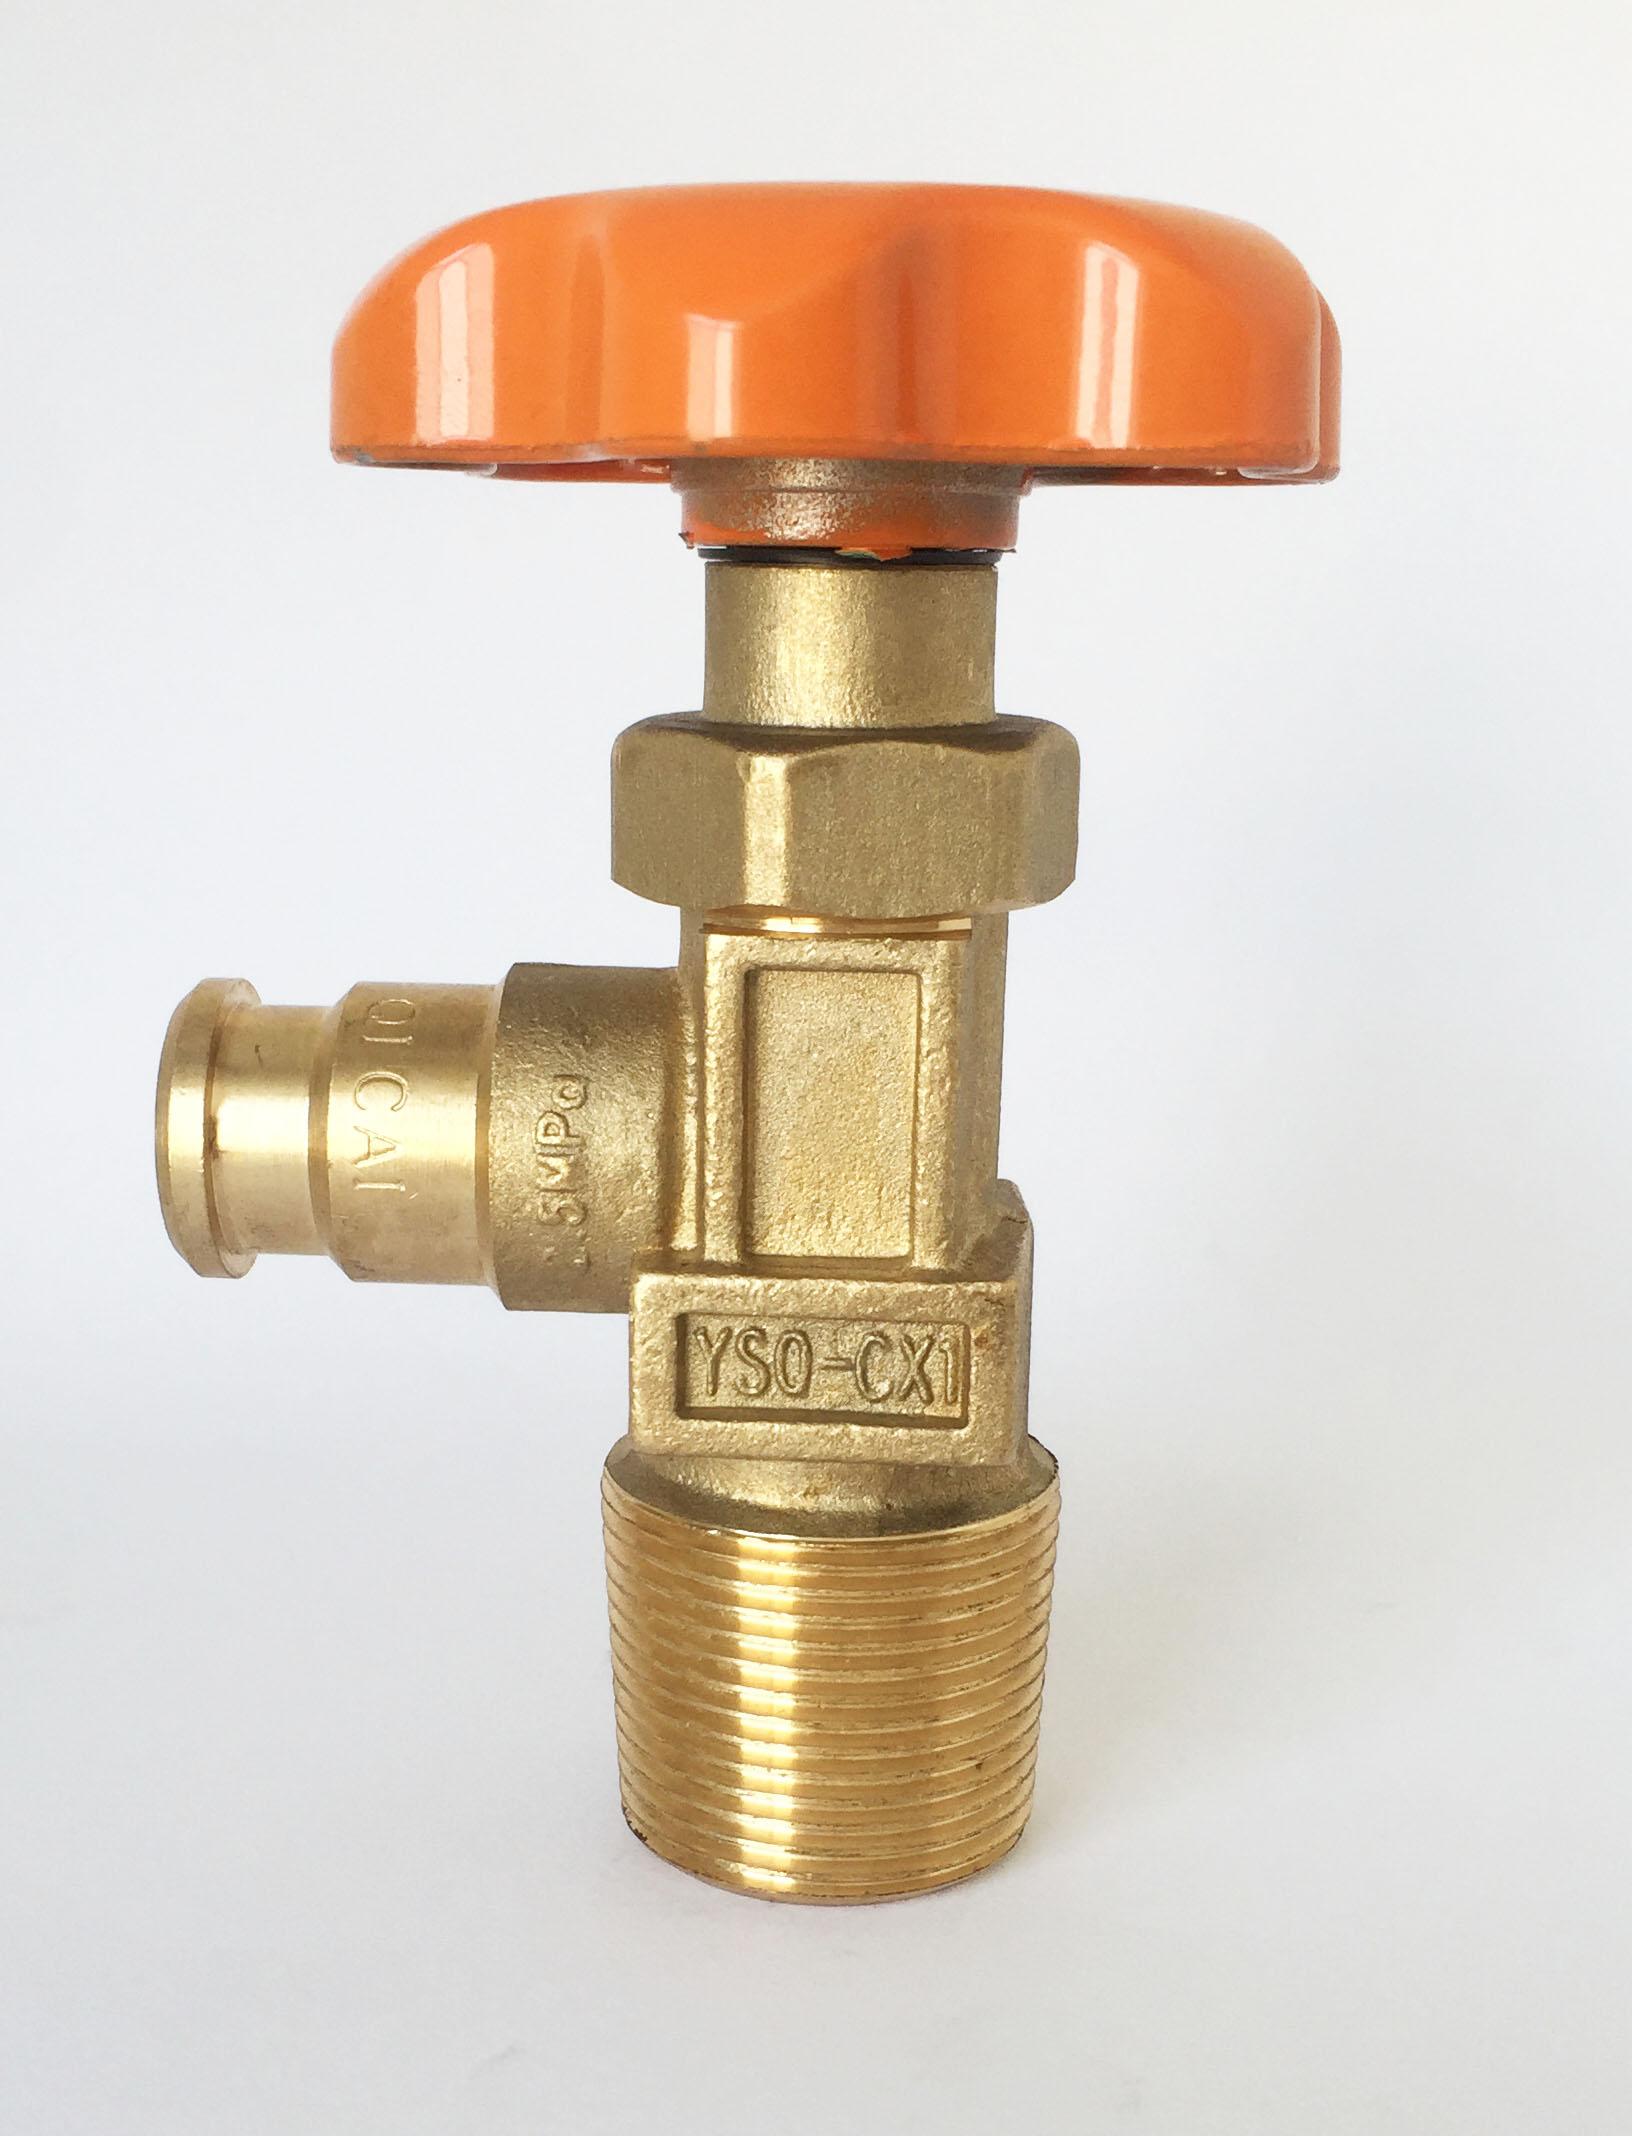 石油液化气瓶阀YSQ-CX1